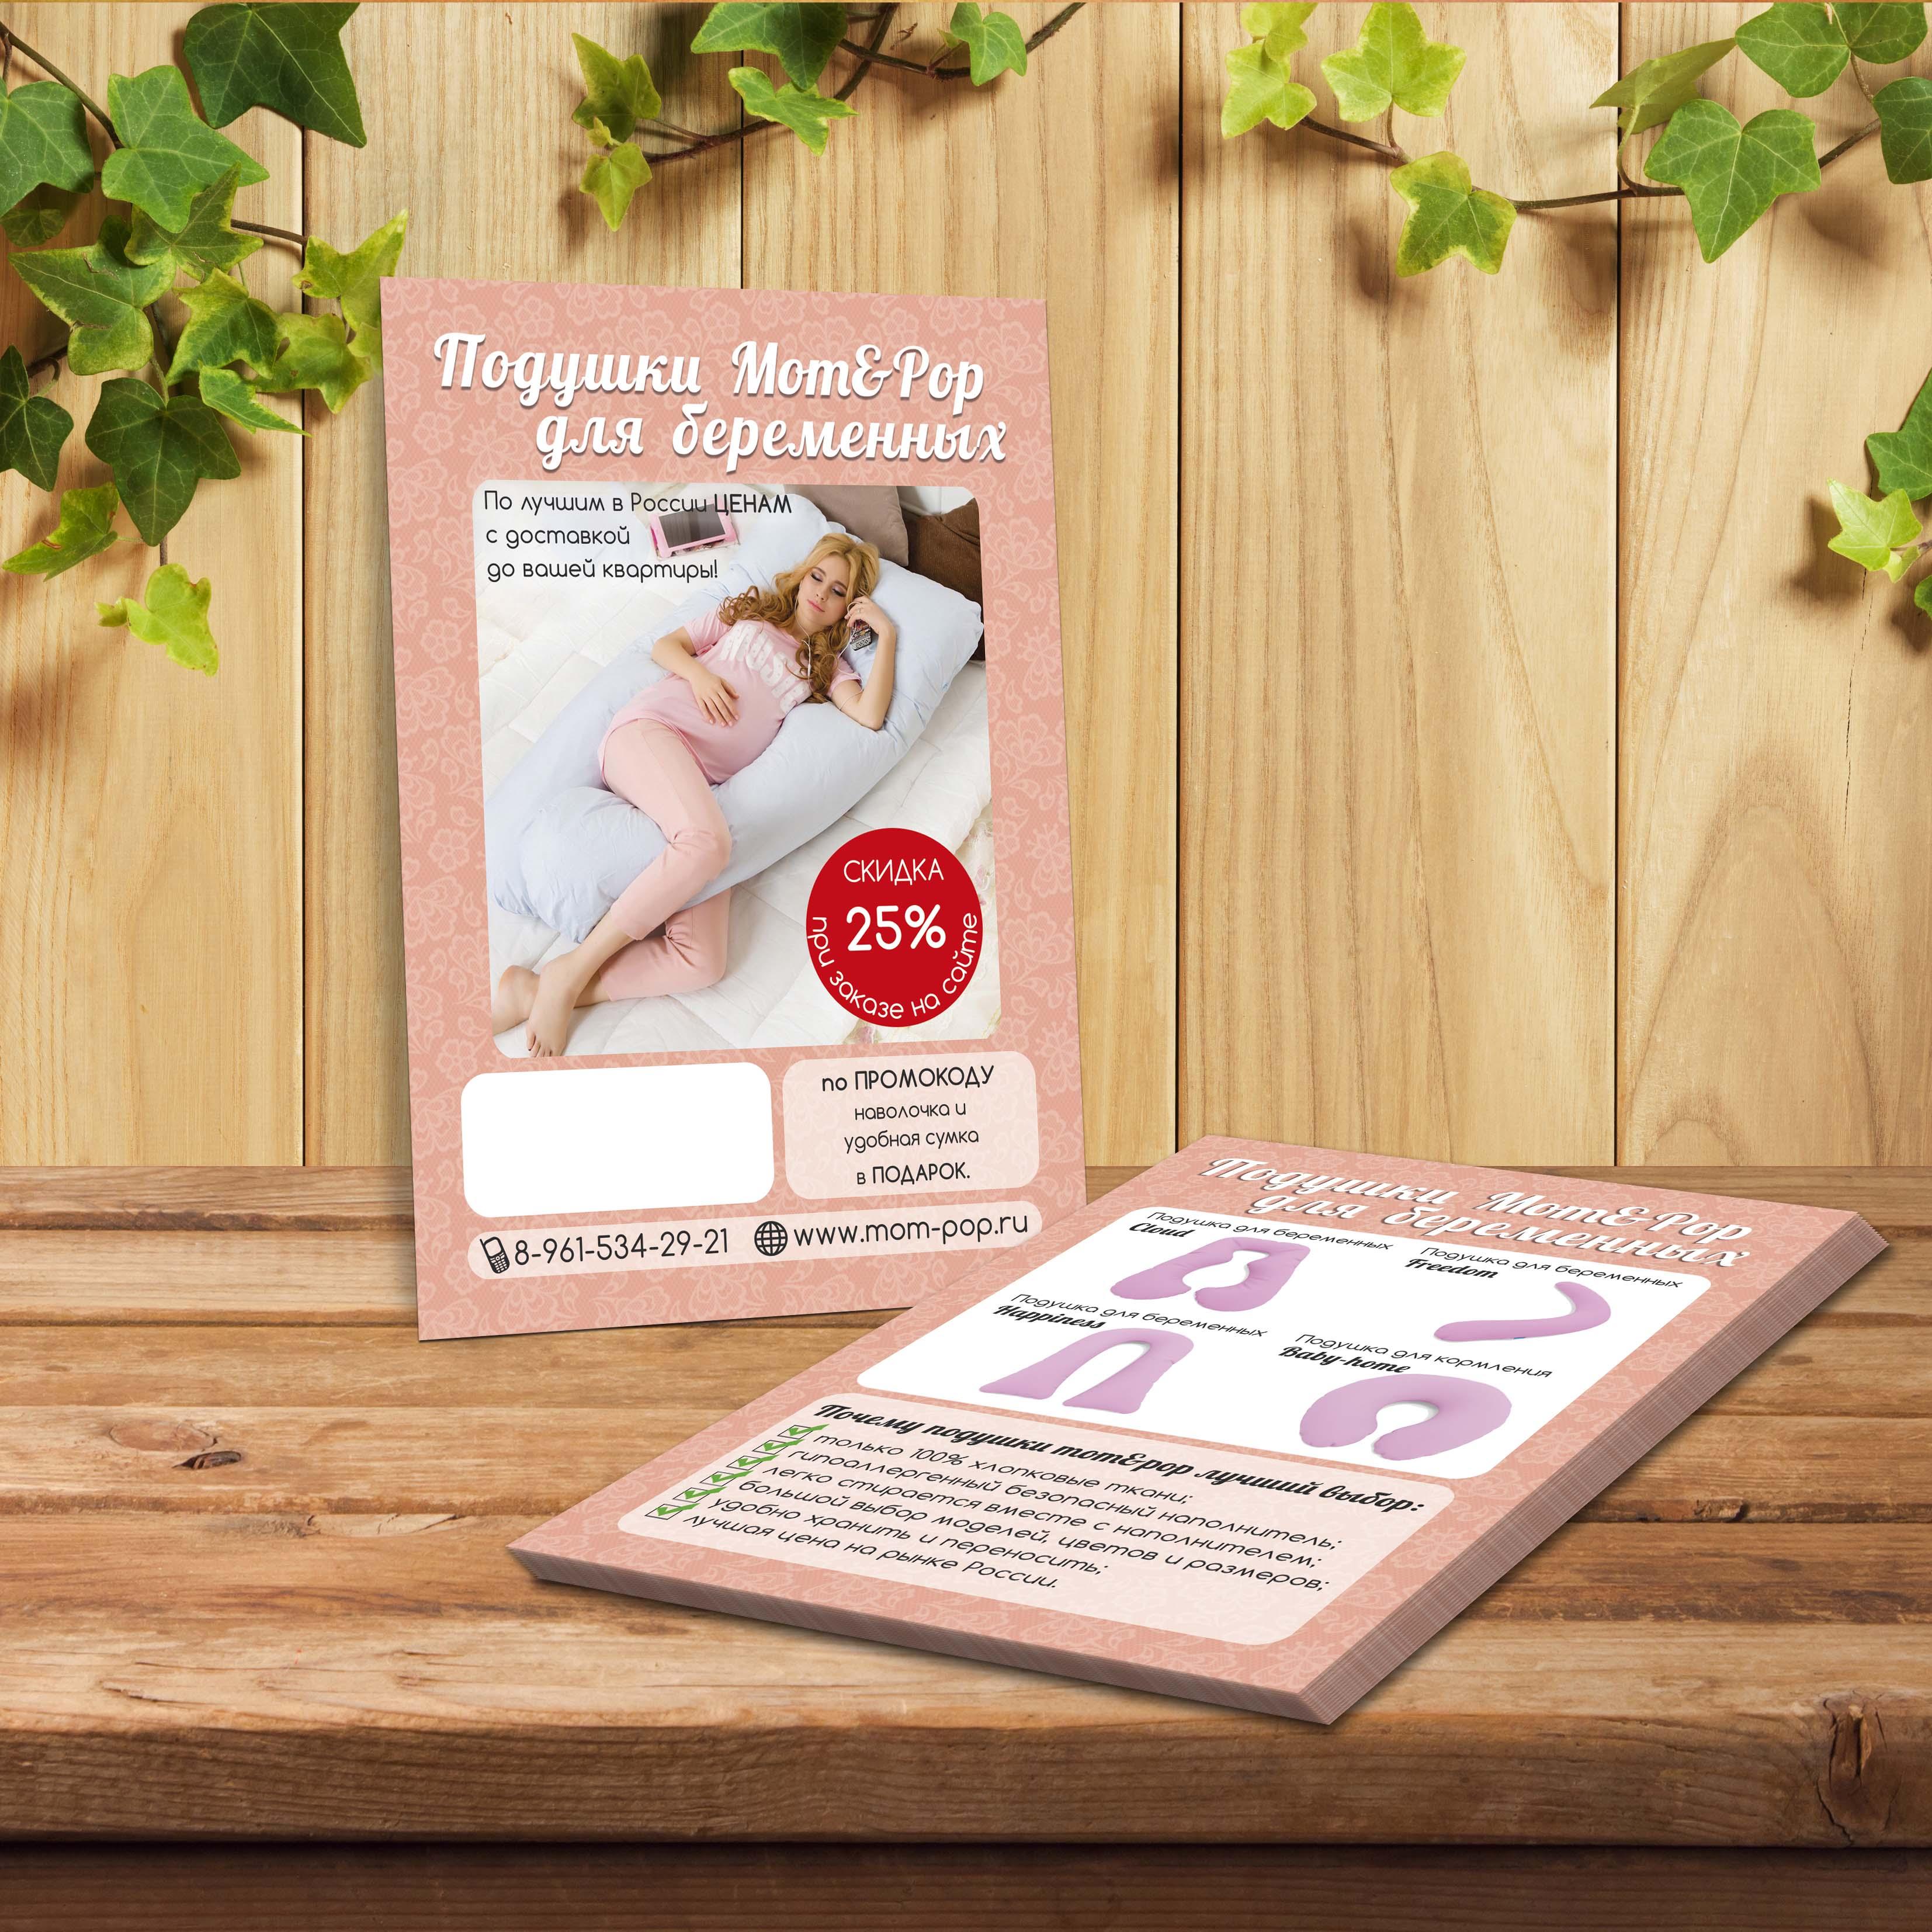 Флаер двухсторонний - Подушки для беременных